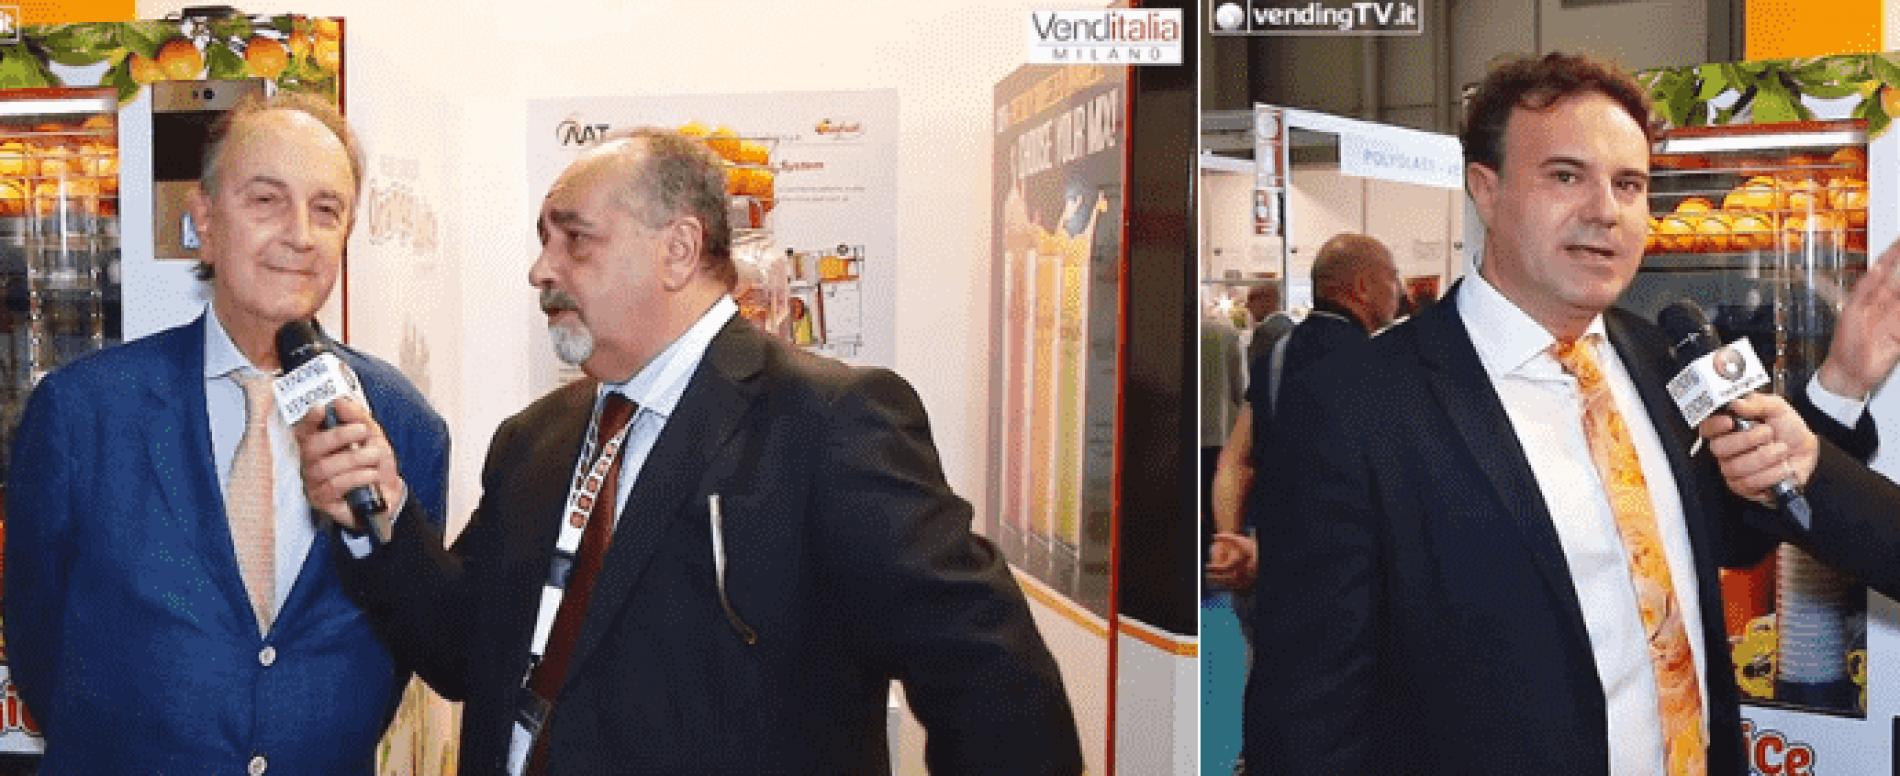 Venditalia 2018. Interviste allo stand AAT – Oranfresh